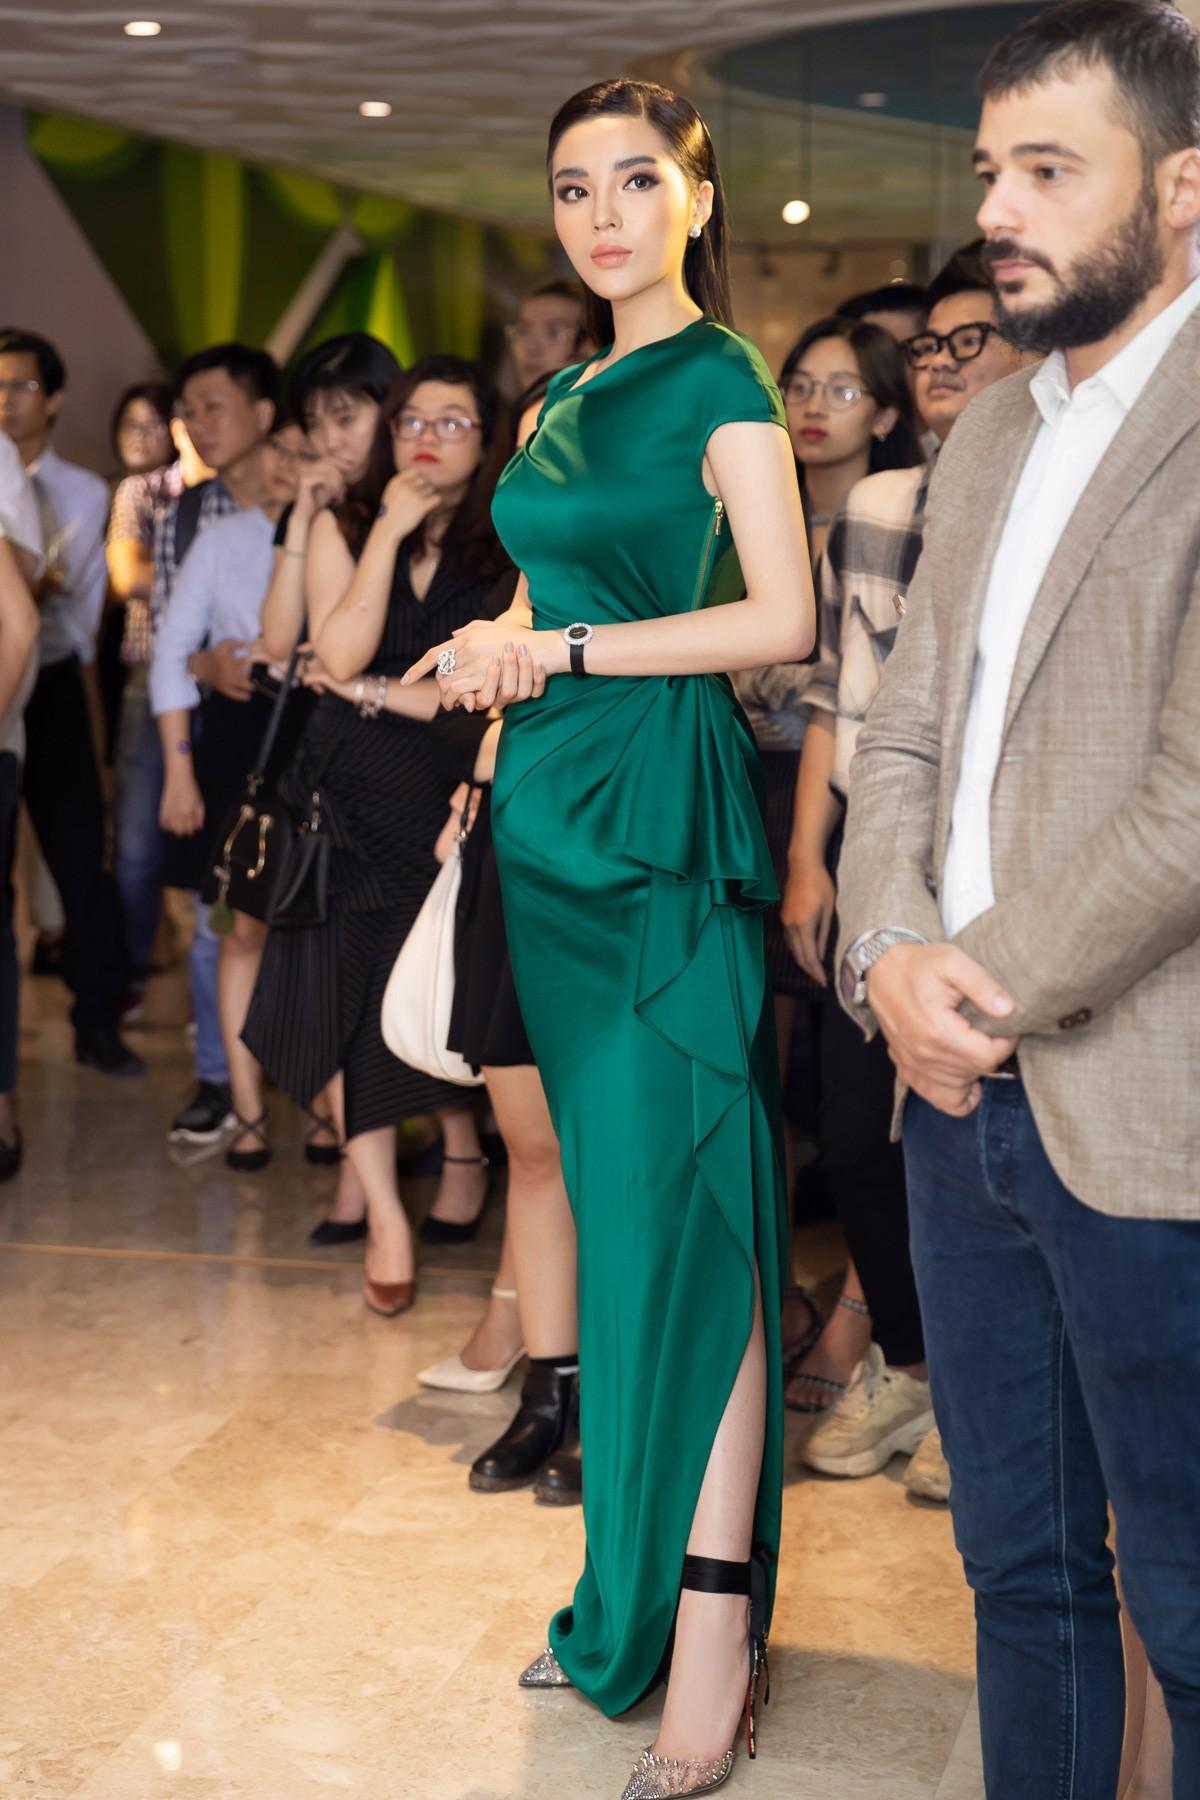 Hoa hậu Kỳ Duyên gây chú ý khi đắp hàng hiệu hơn 3 tỷ đồng đi sự kiện - Ảnh 3.